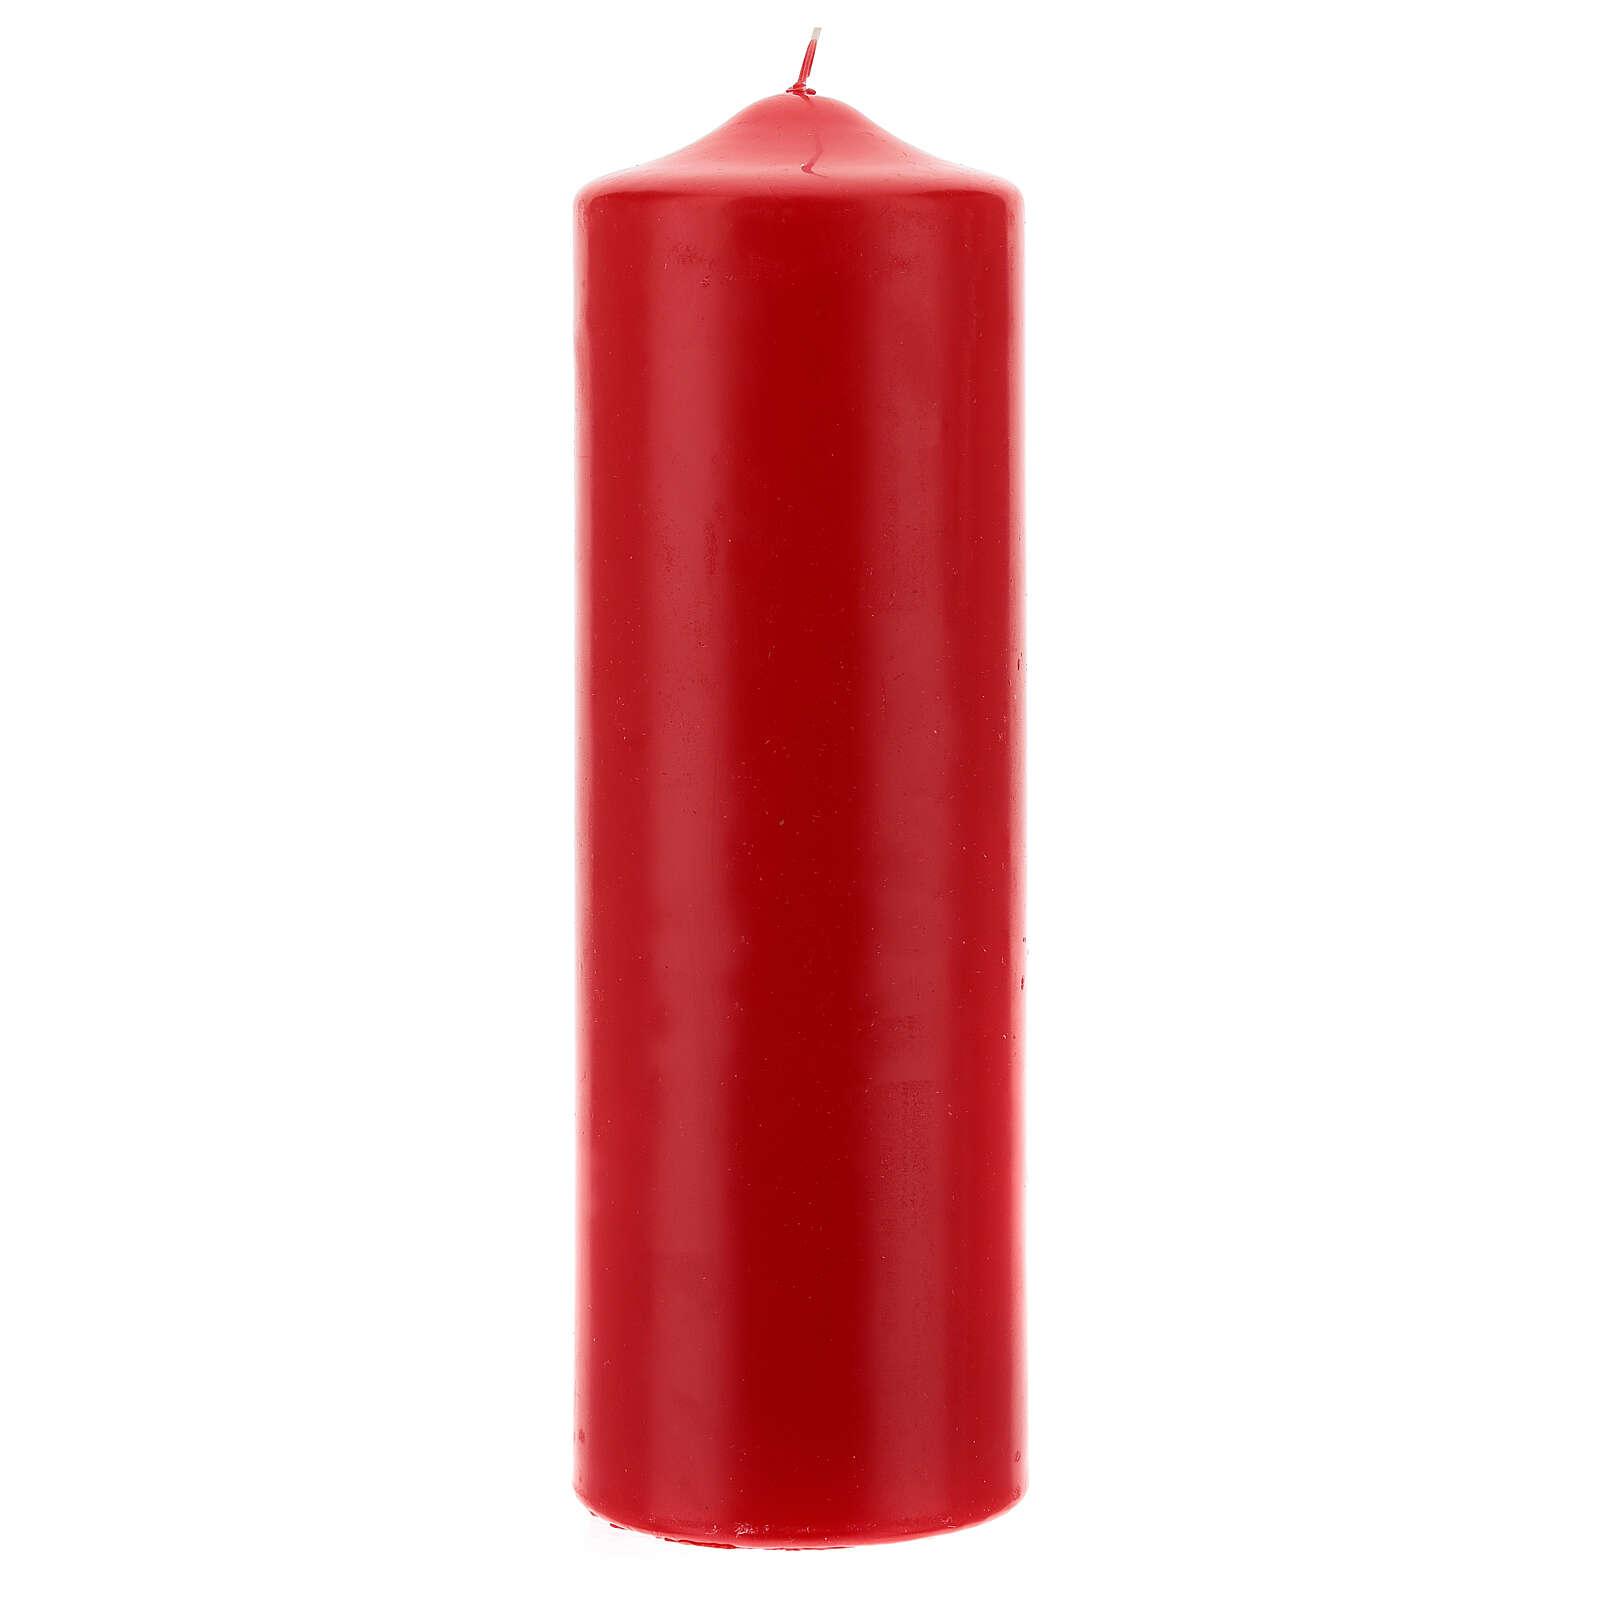 Cero per altare opaco 80 x 240 mm 3